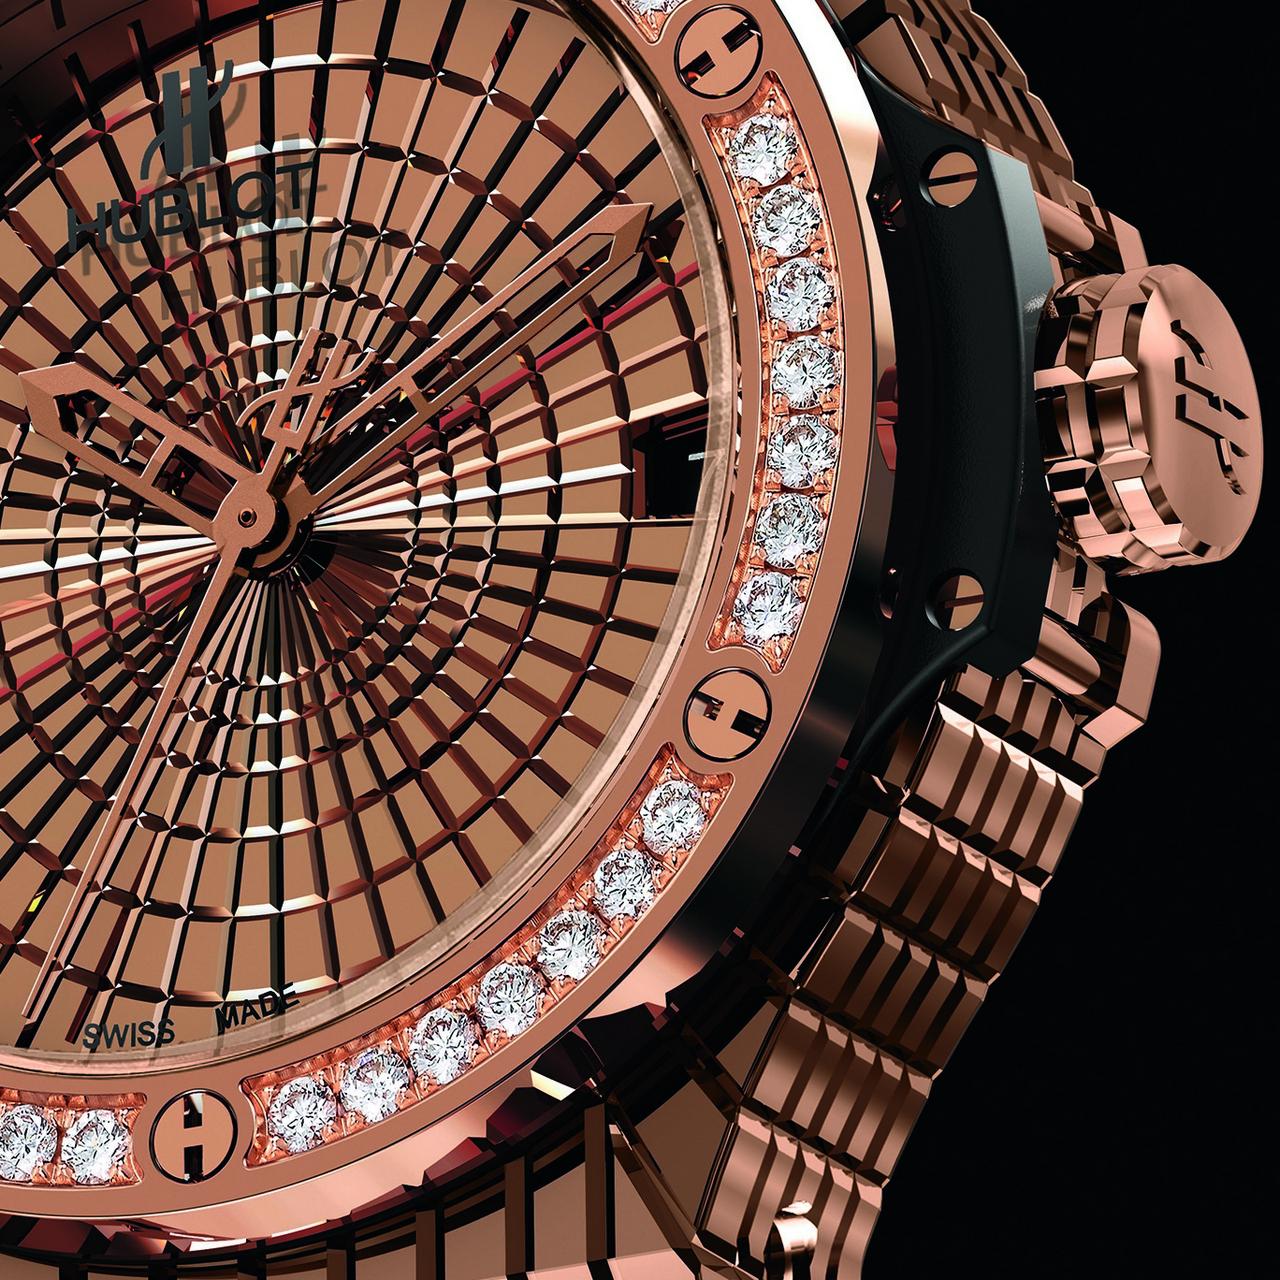 baselworld-2013-hublot-big-bang-caviar-red-gold-diamonds_0-100_3